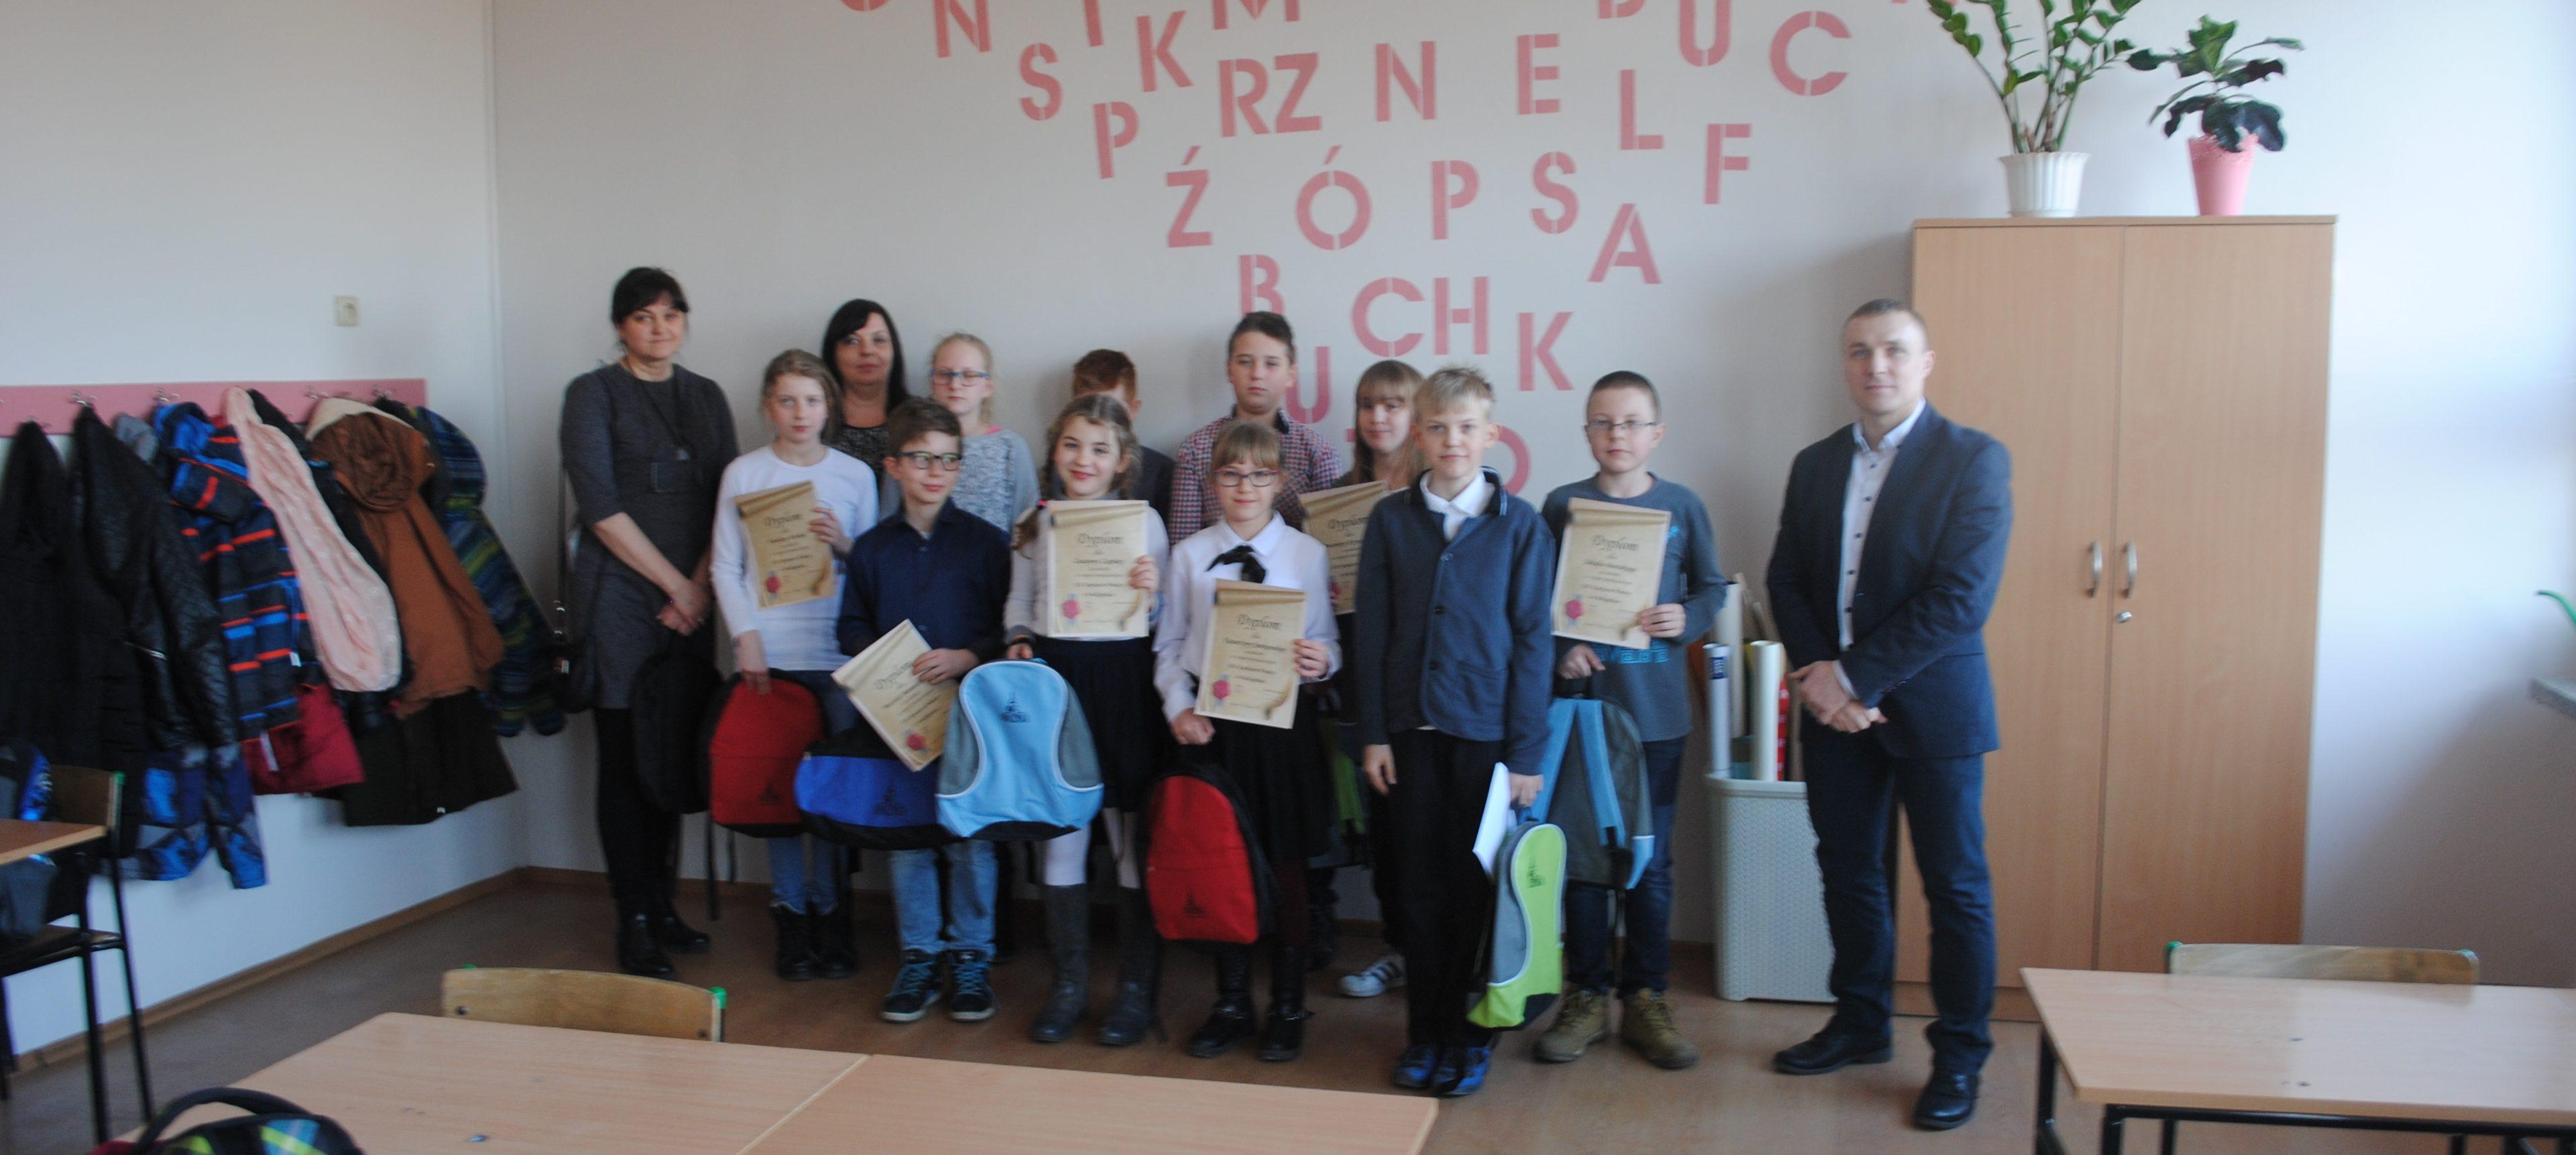 Sukces uczniów Szkoły Podstawowej w Opalenicy w zmaganiach powiatowych XXI Konkursu Wiedzy o Wielkopolsce